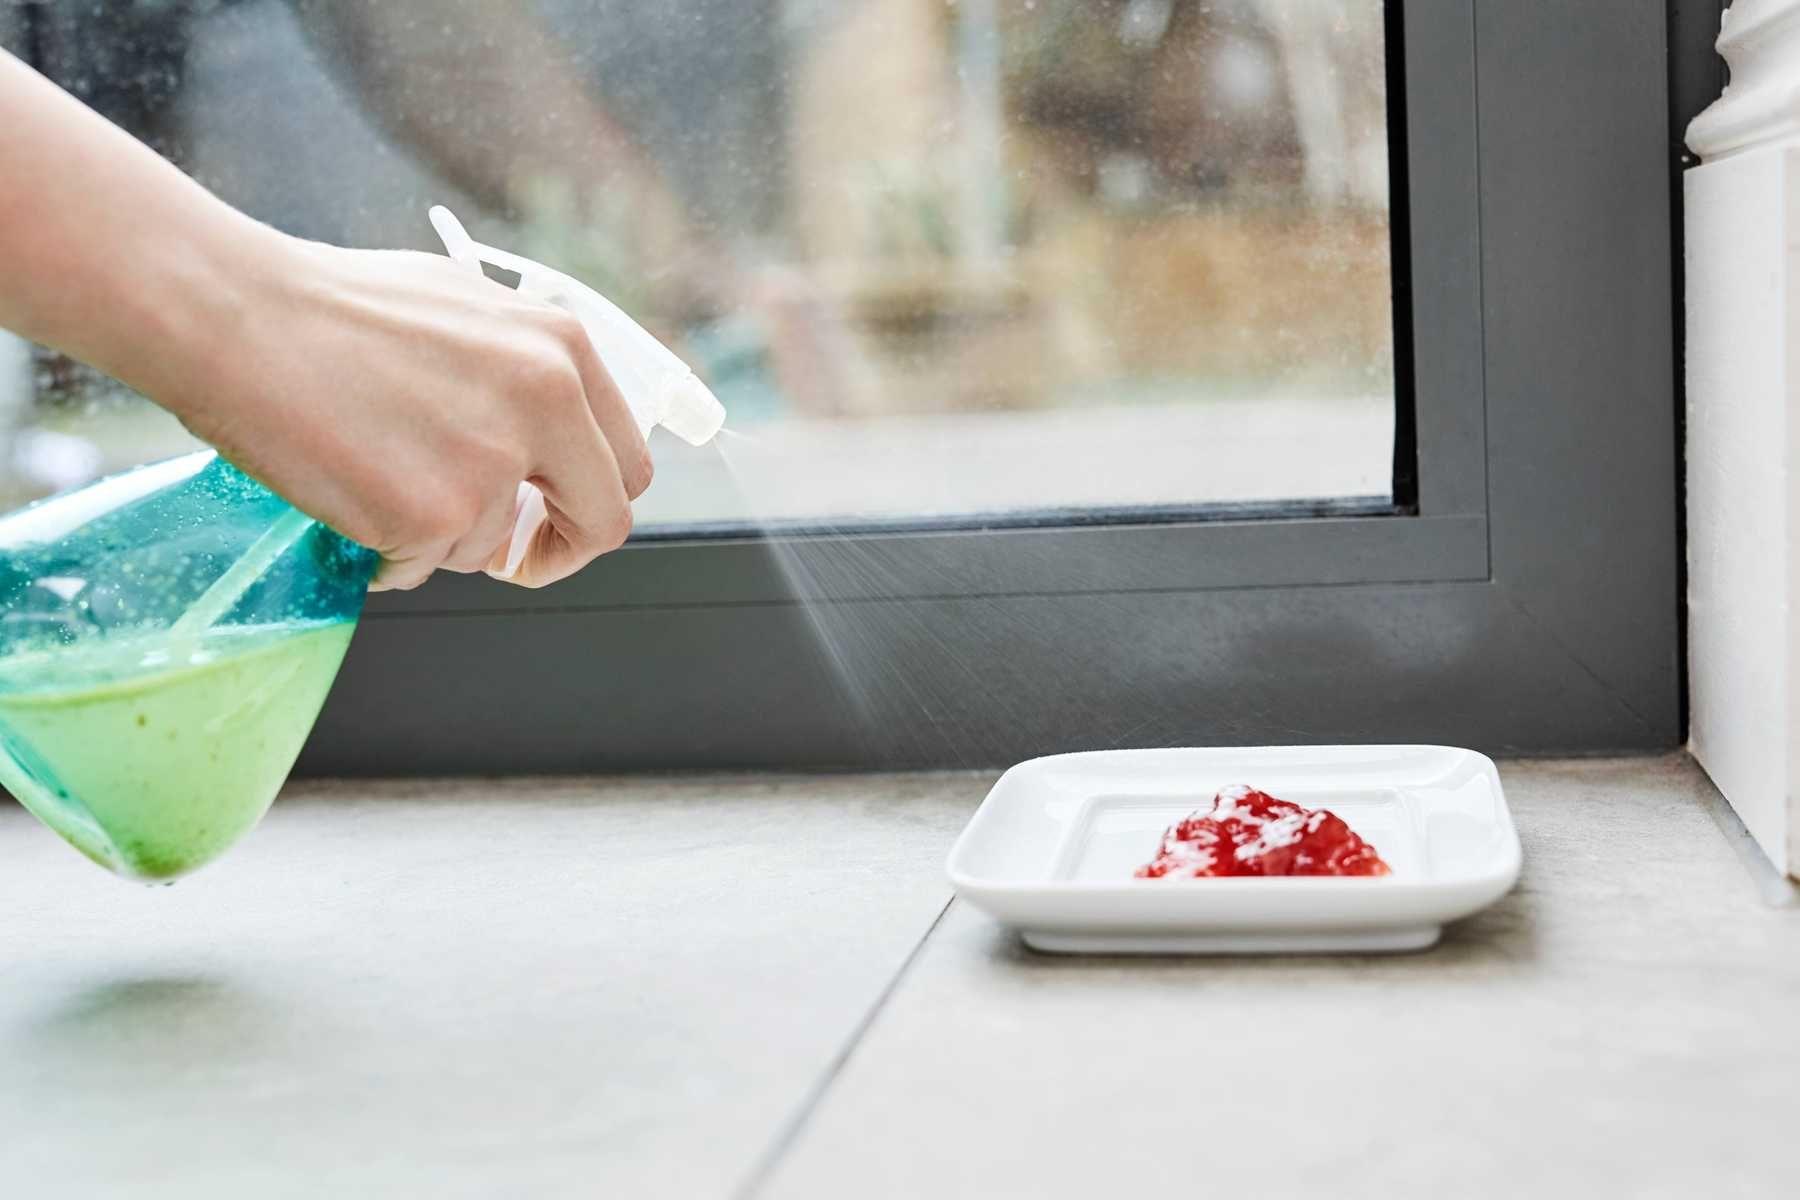 como-eliminar-formigas-da-cozinha-em-5-passos-simples